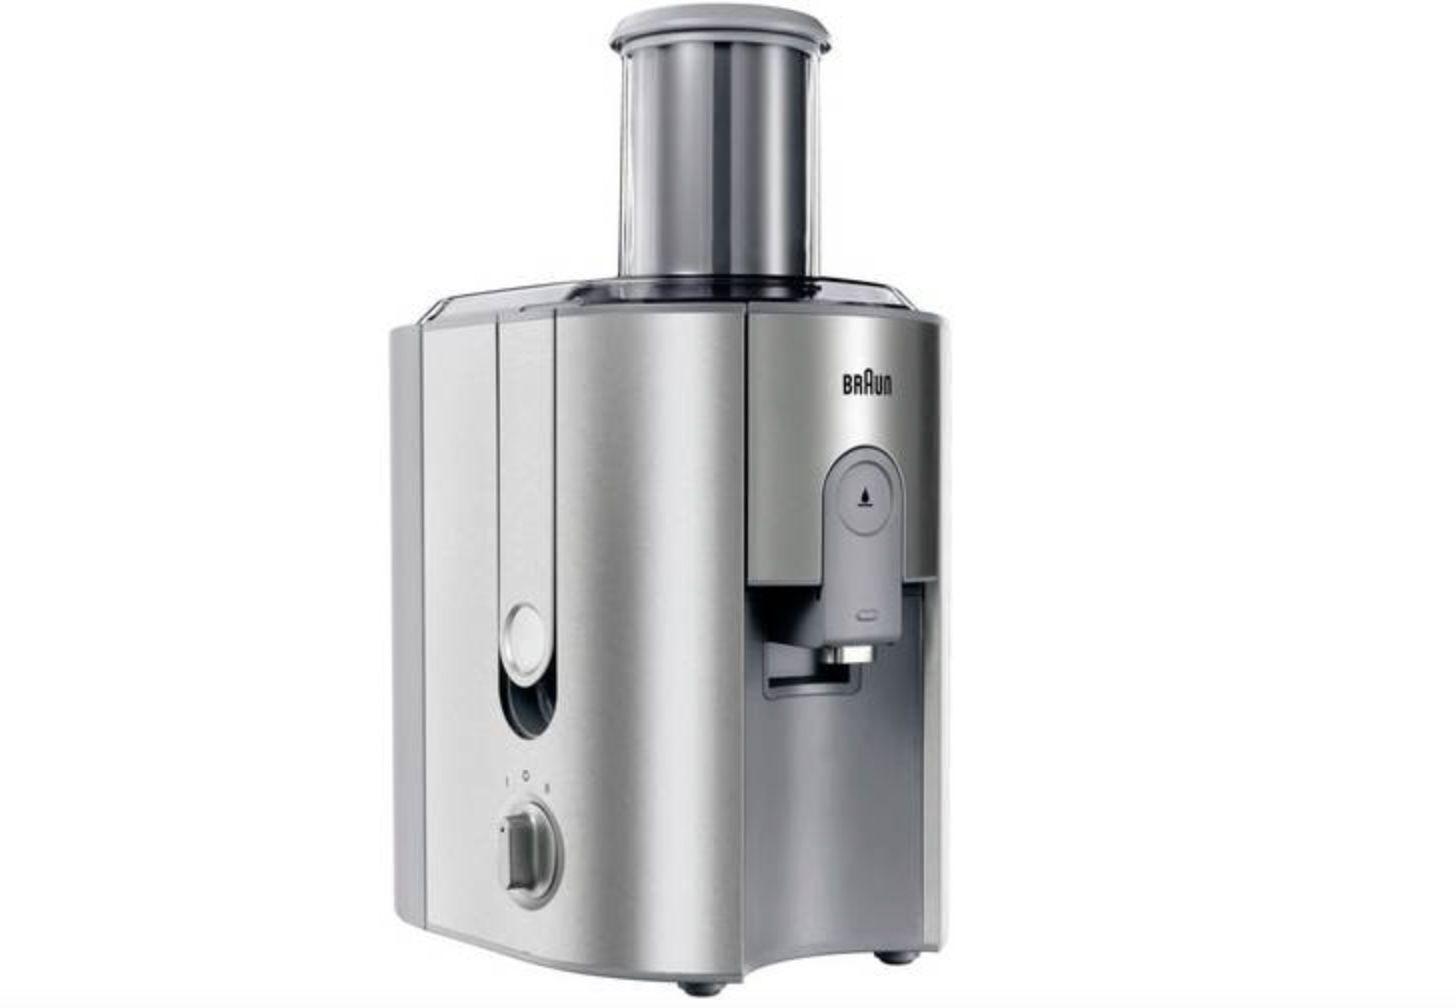 Braun Multiquick 7 J700 Entsafter mit 1000W für 54,93€ (statt 99€)